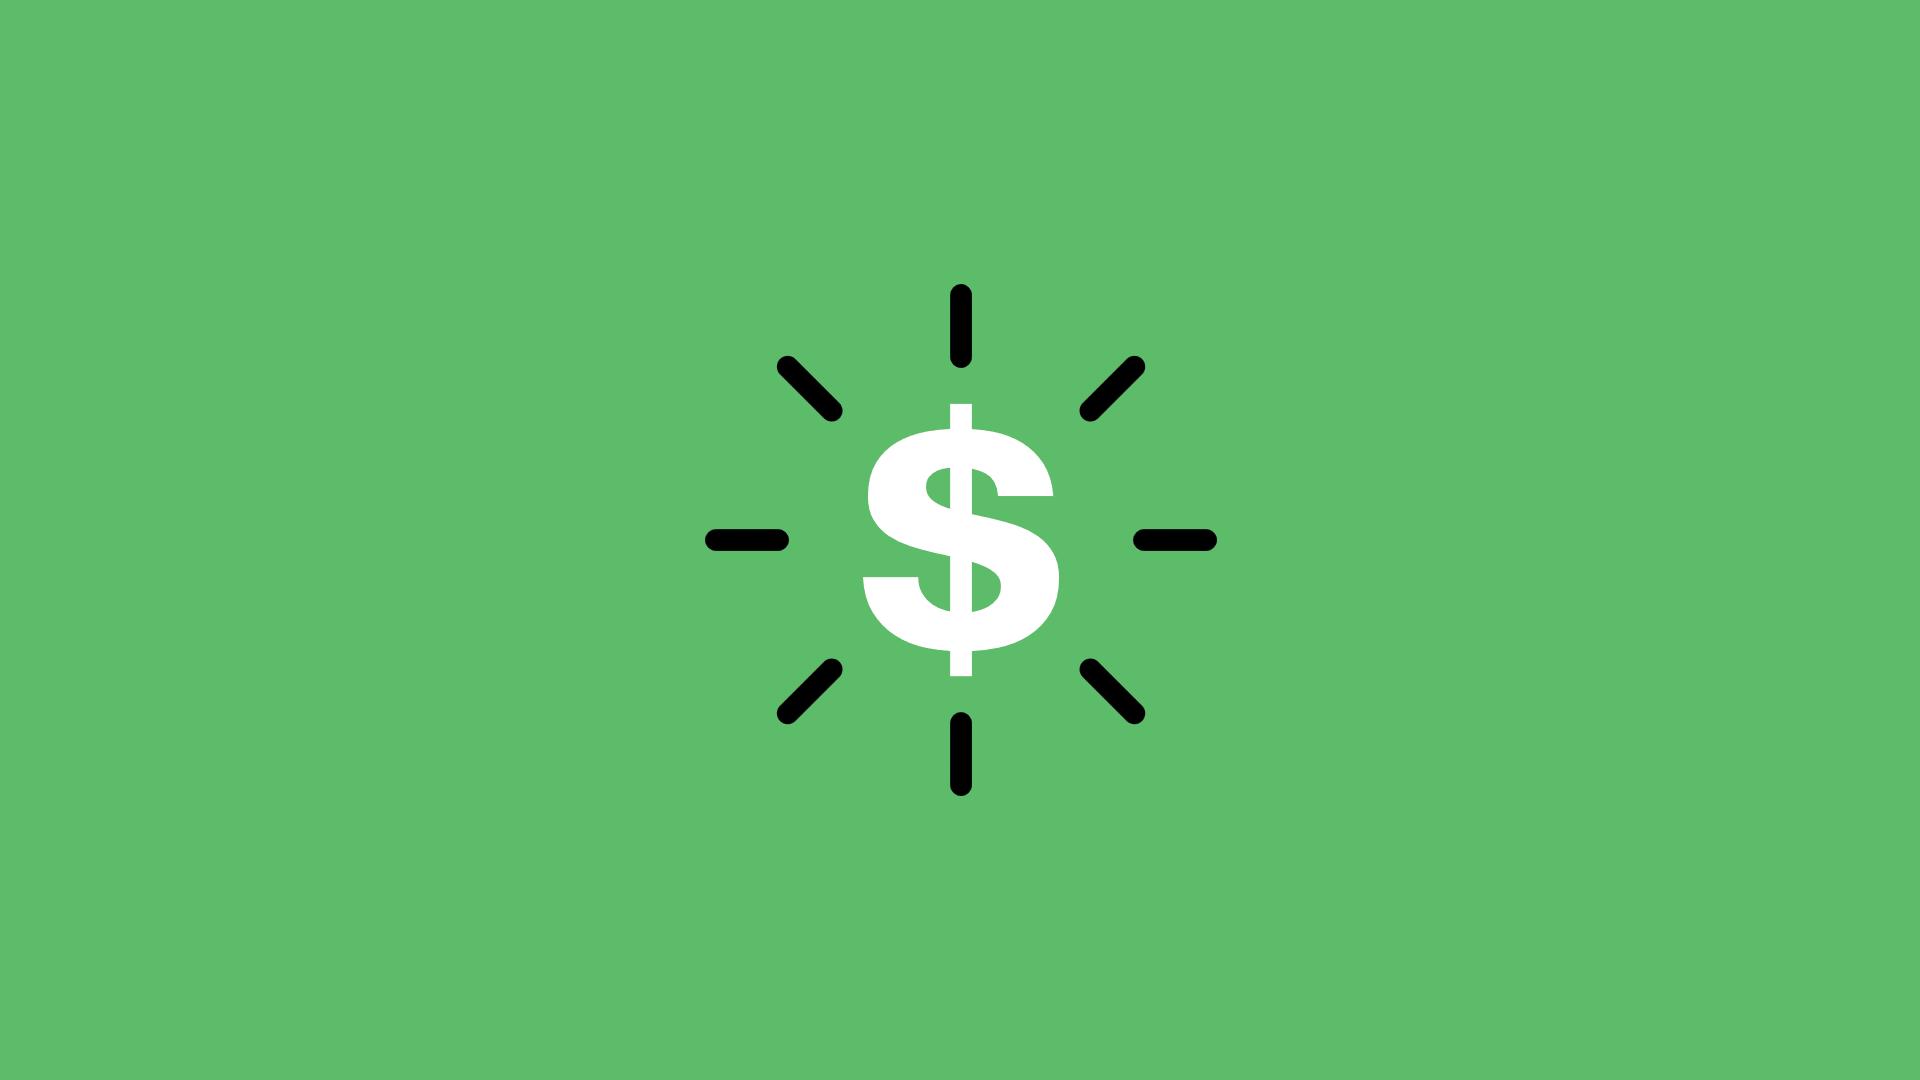 proyectoi-dolares-kickstarter